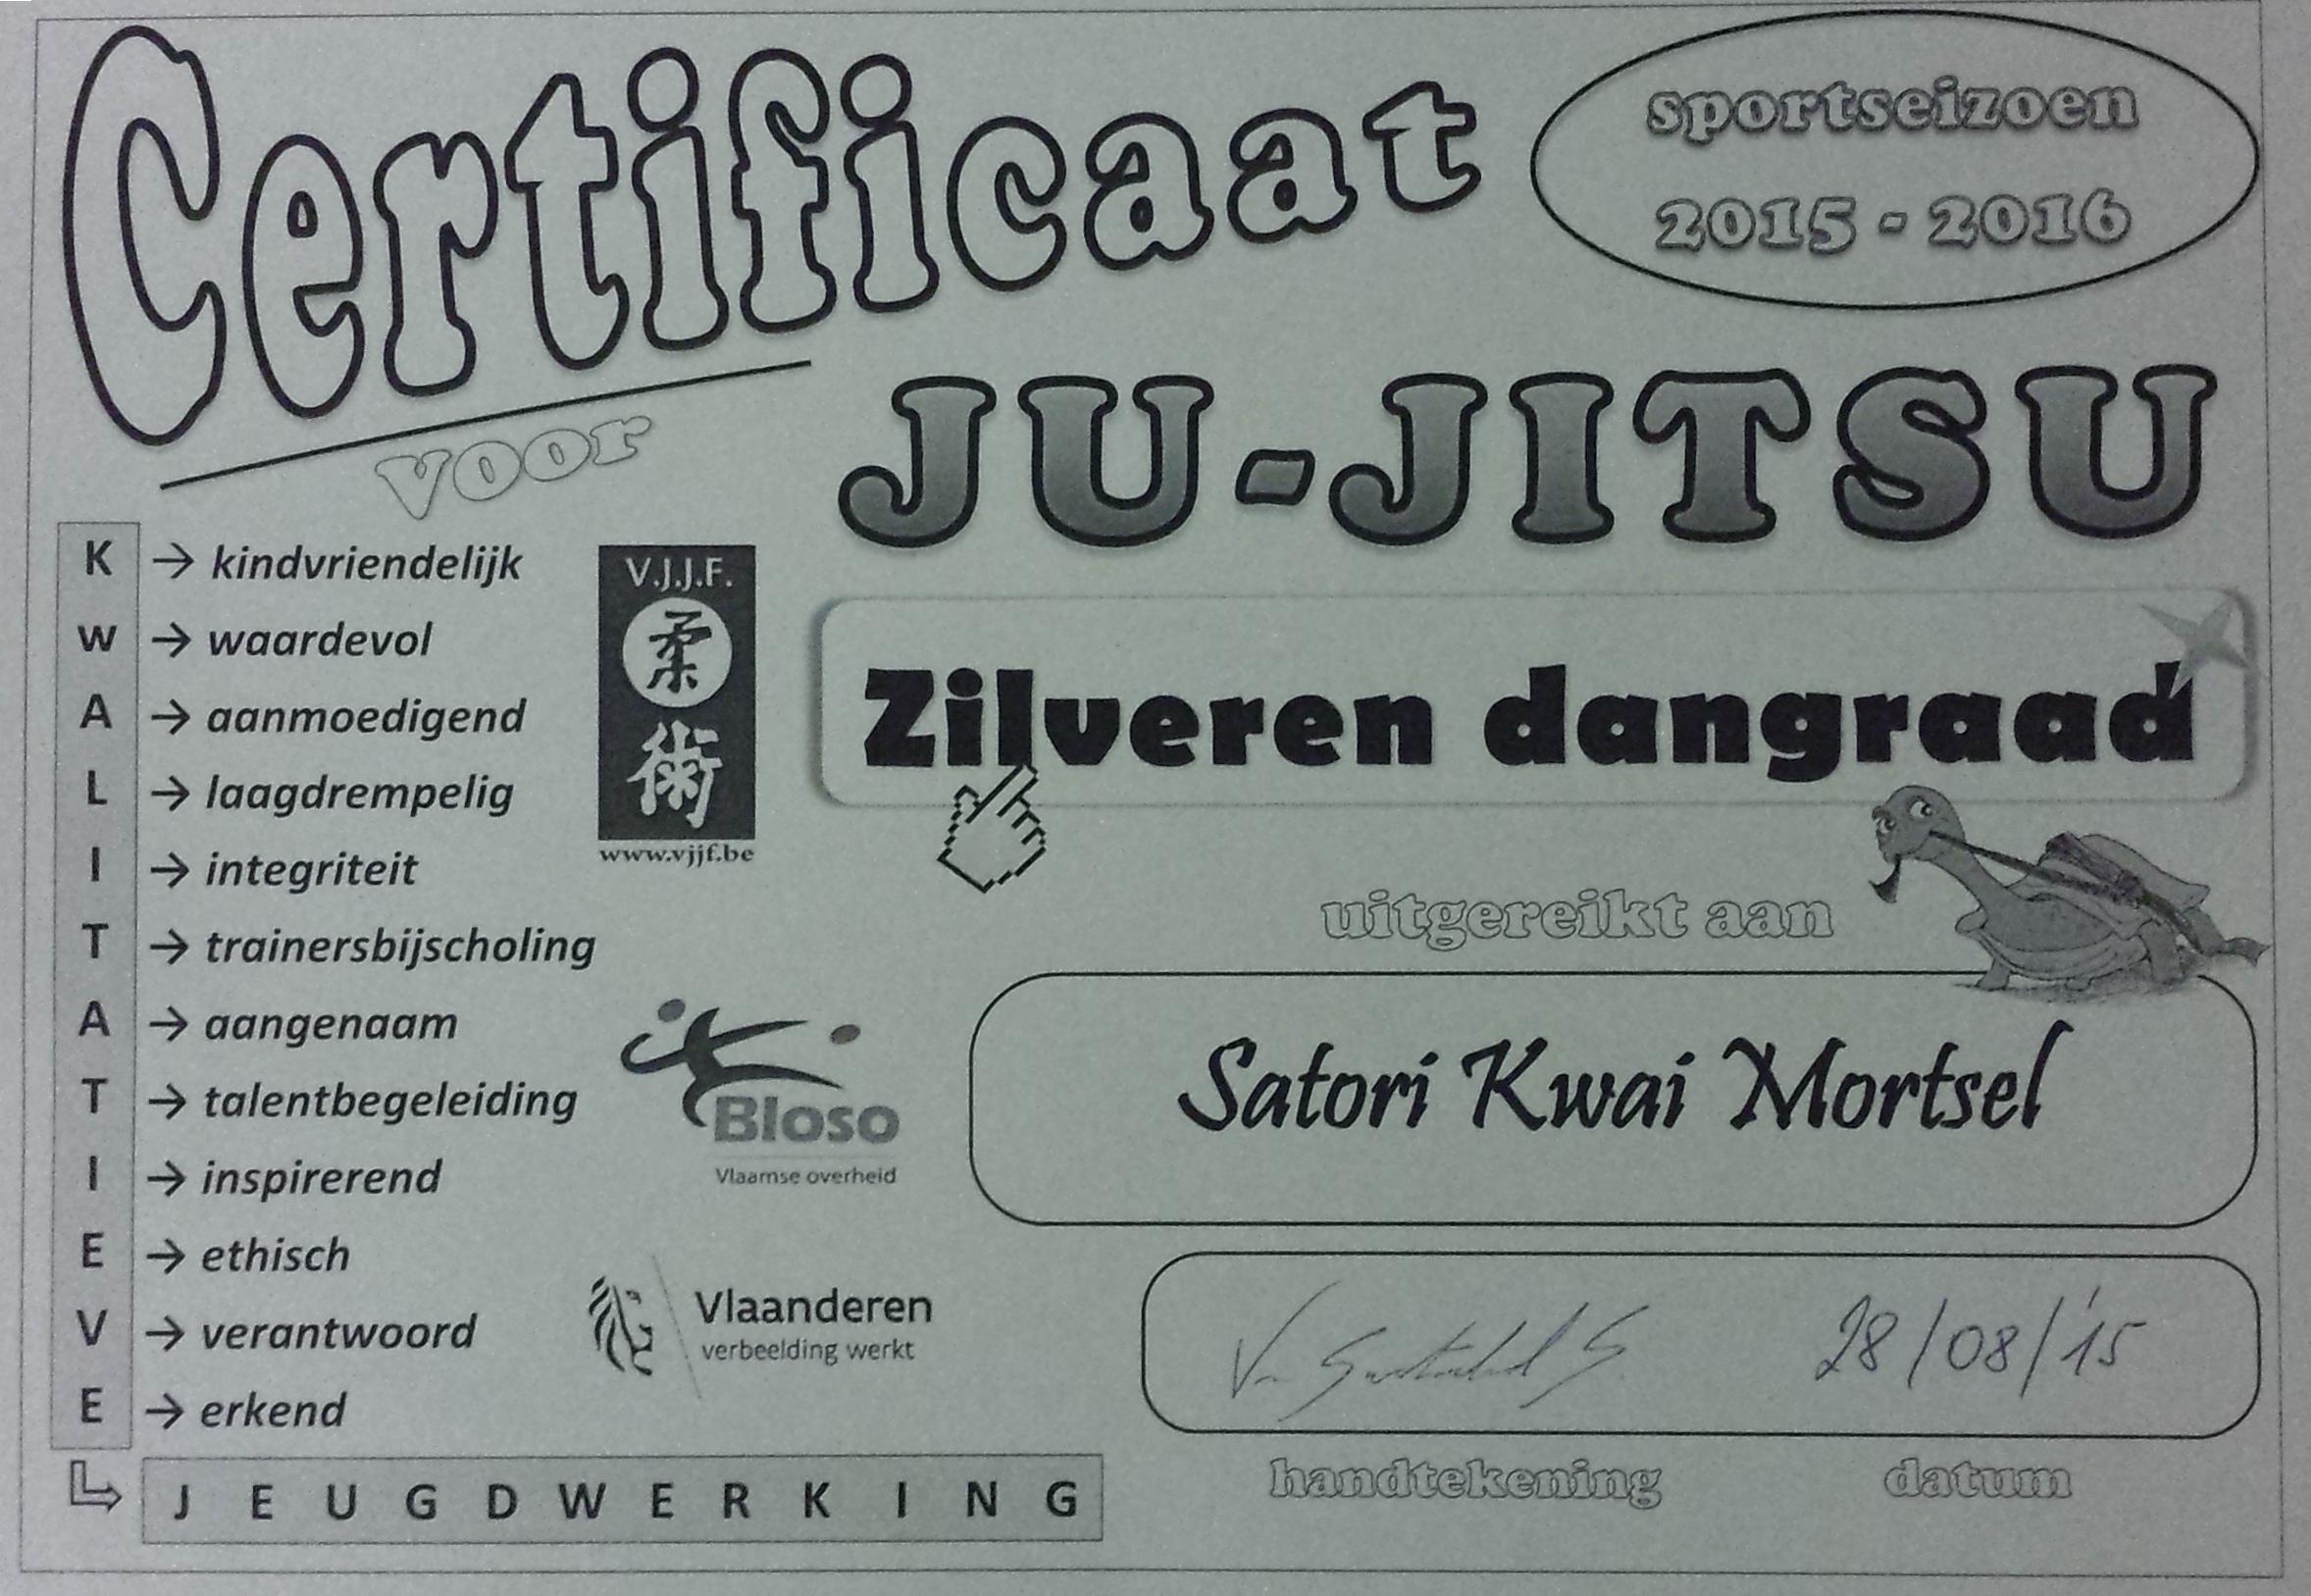 Certificaat 2015-2016